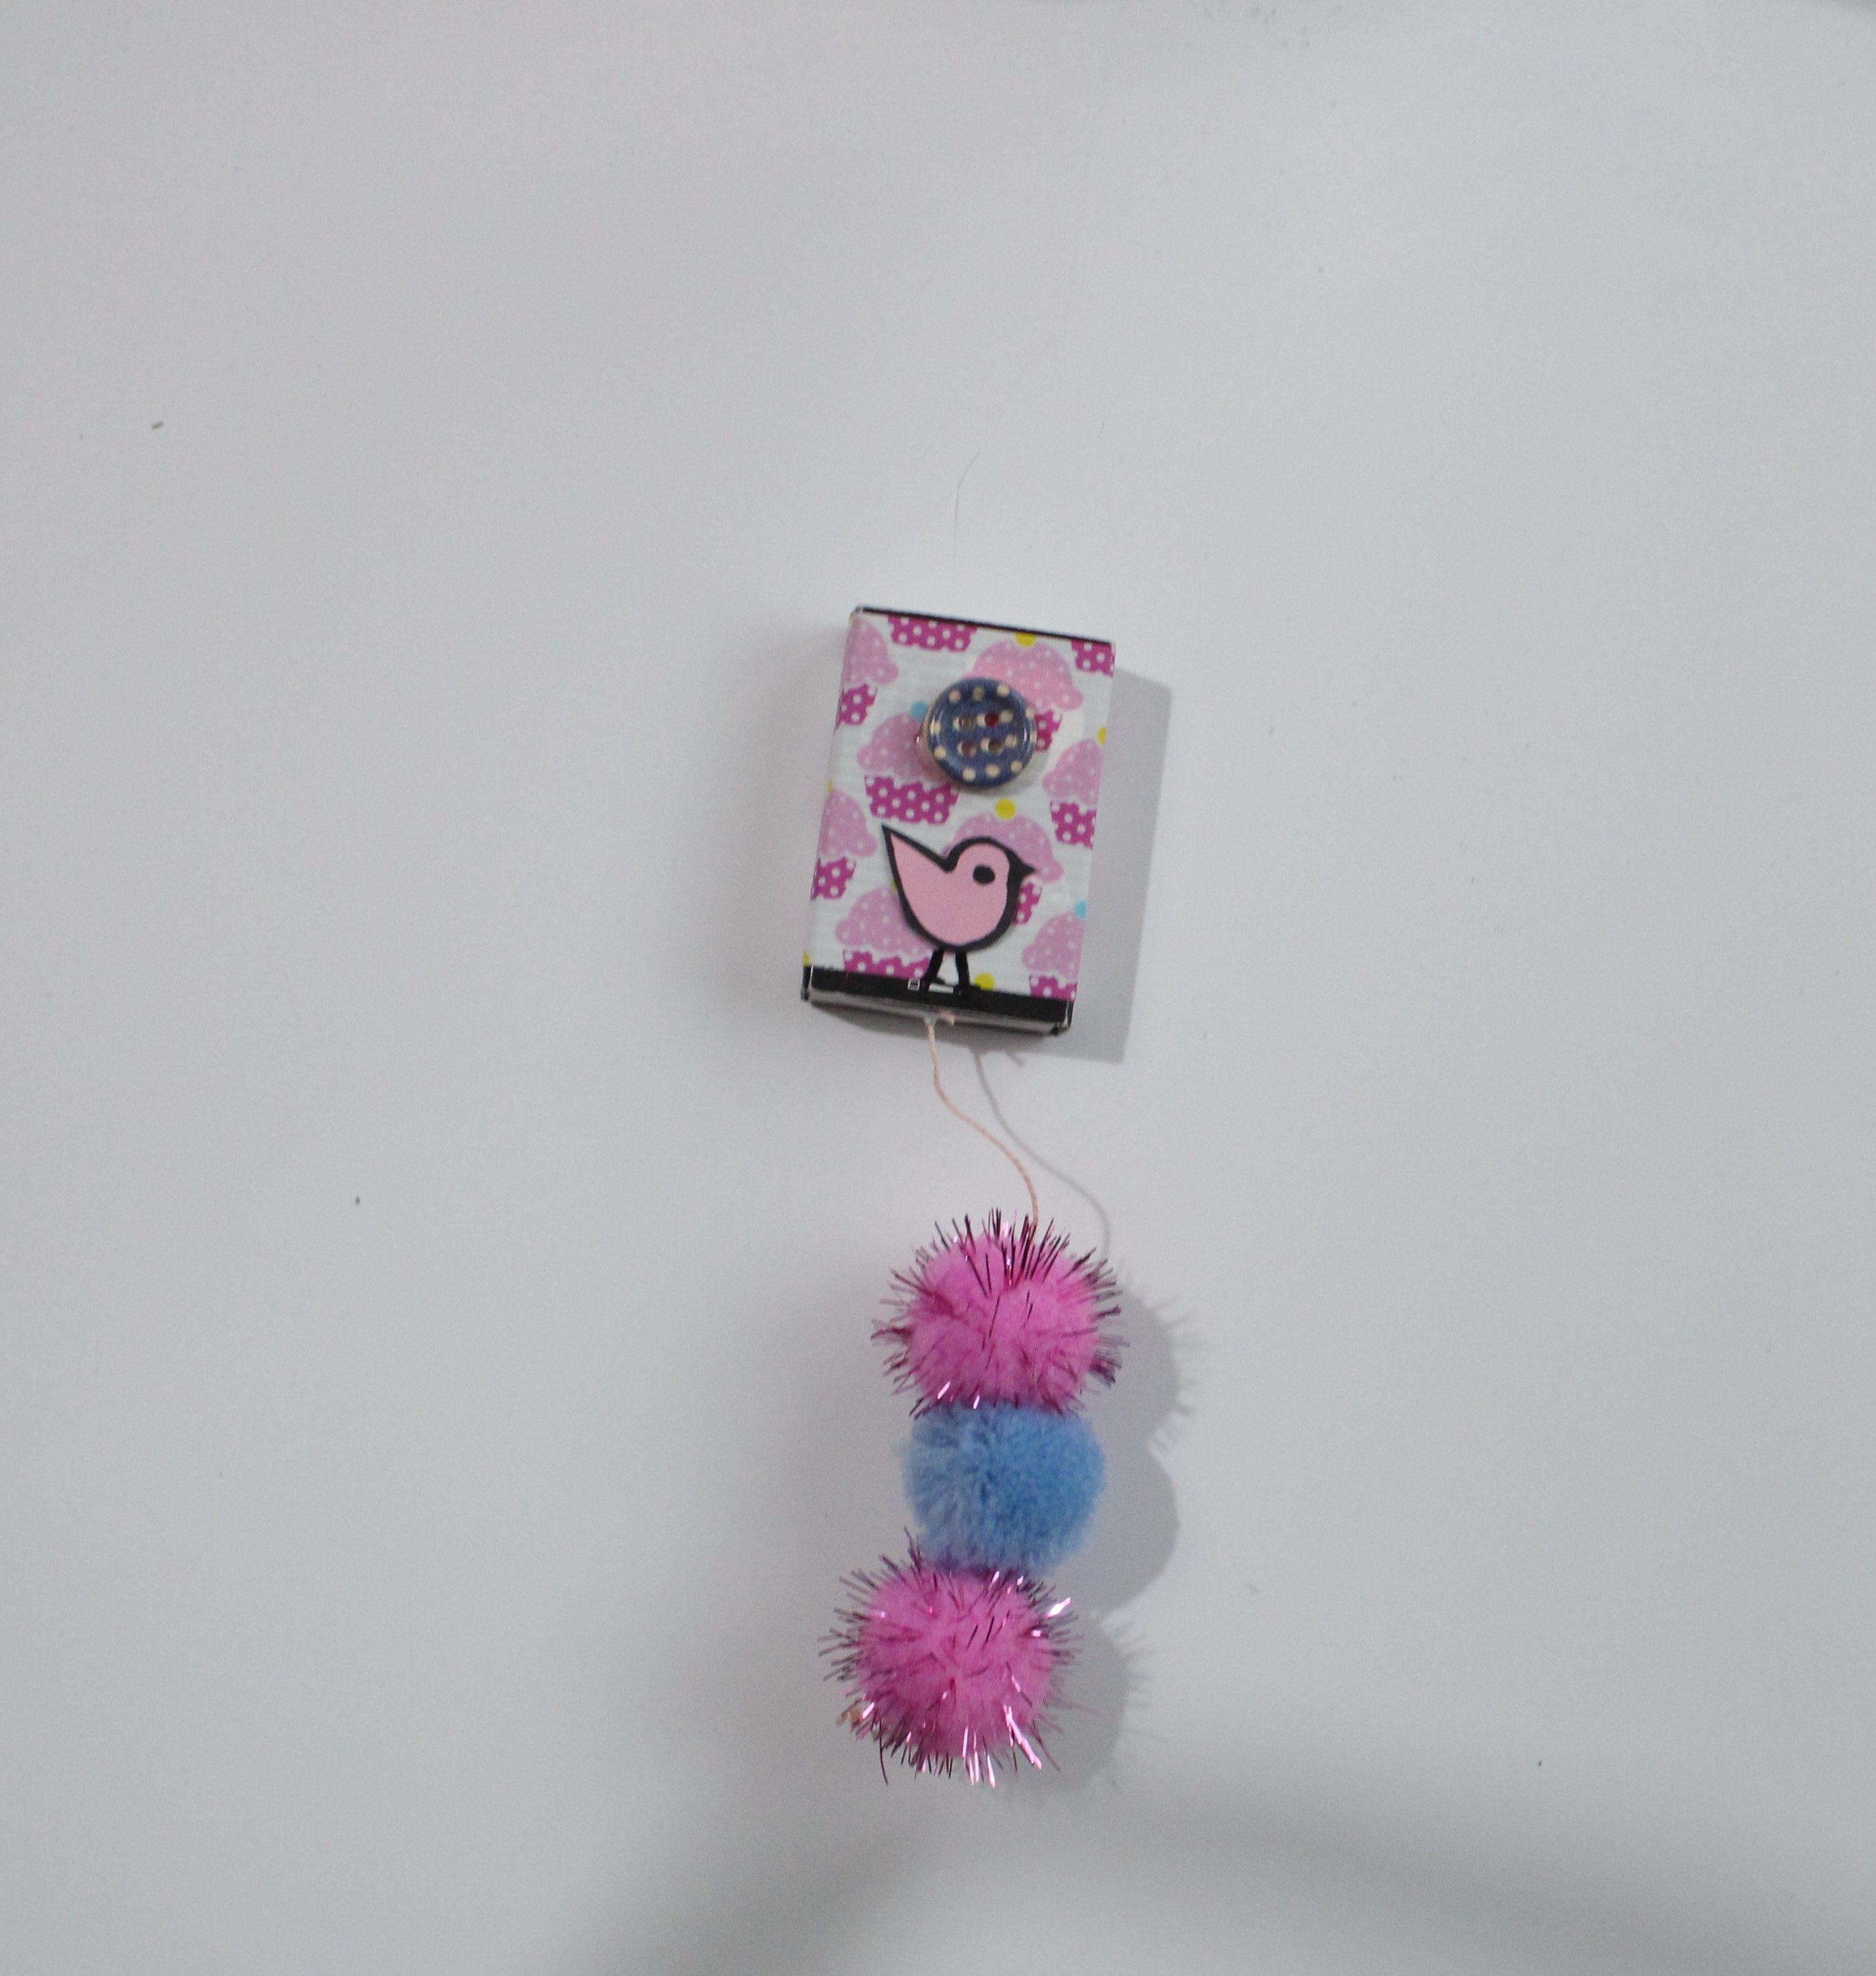 IMG 3889 - יצירת שובך יונים מקופסת גפרורים